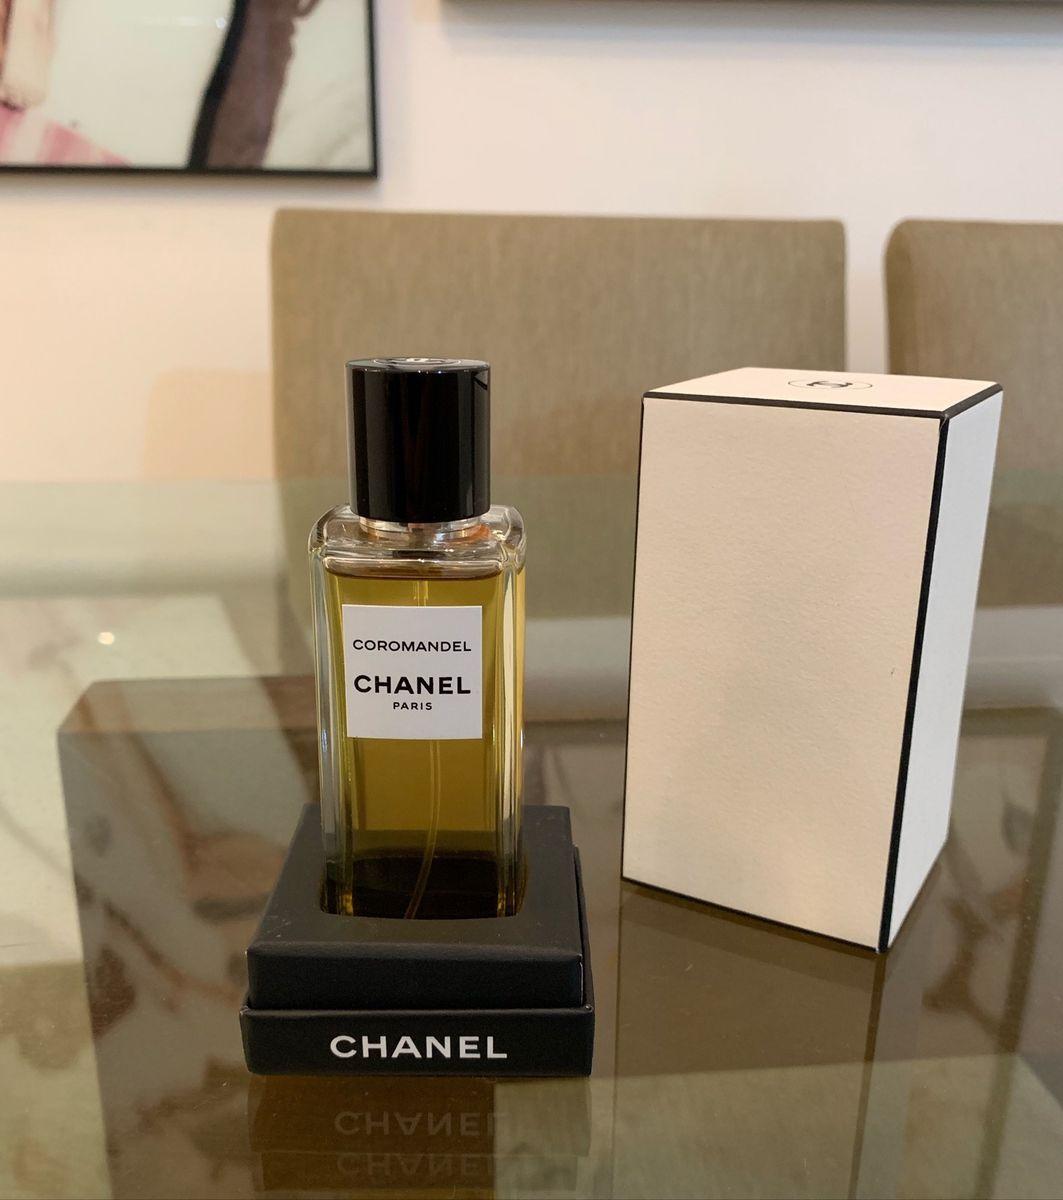 chanel coromandel - perfume chanel